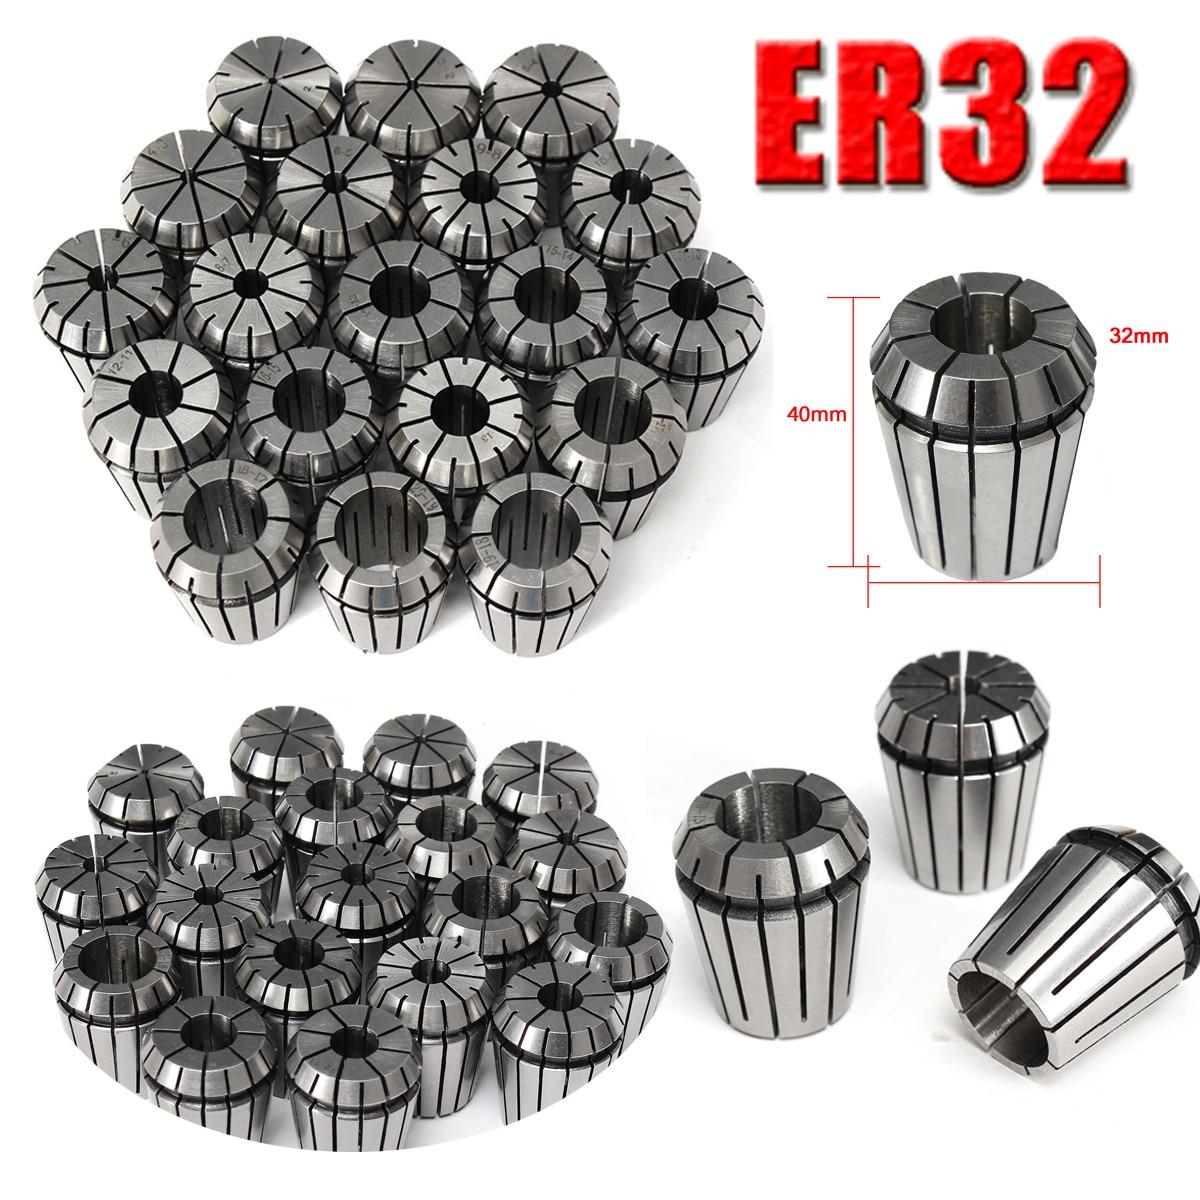 19 pz Metrica di Precisione ER32 Collet Chuck 2-20mm Per CNC Mandrino di Fresatura Strumenti di Incisione Macchine Utensili Accessori Fresa